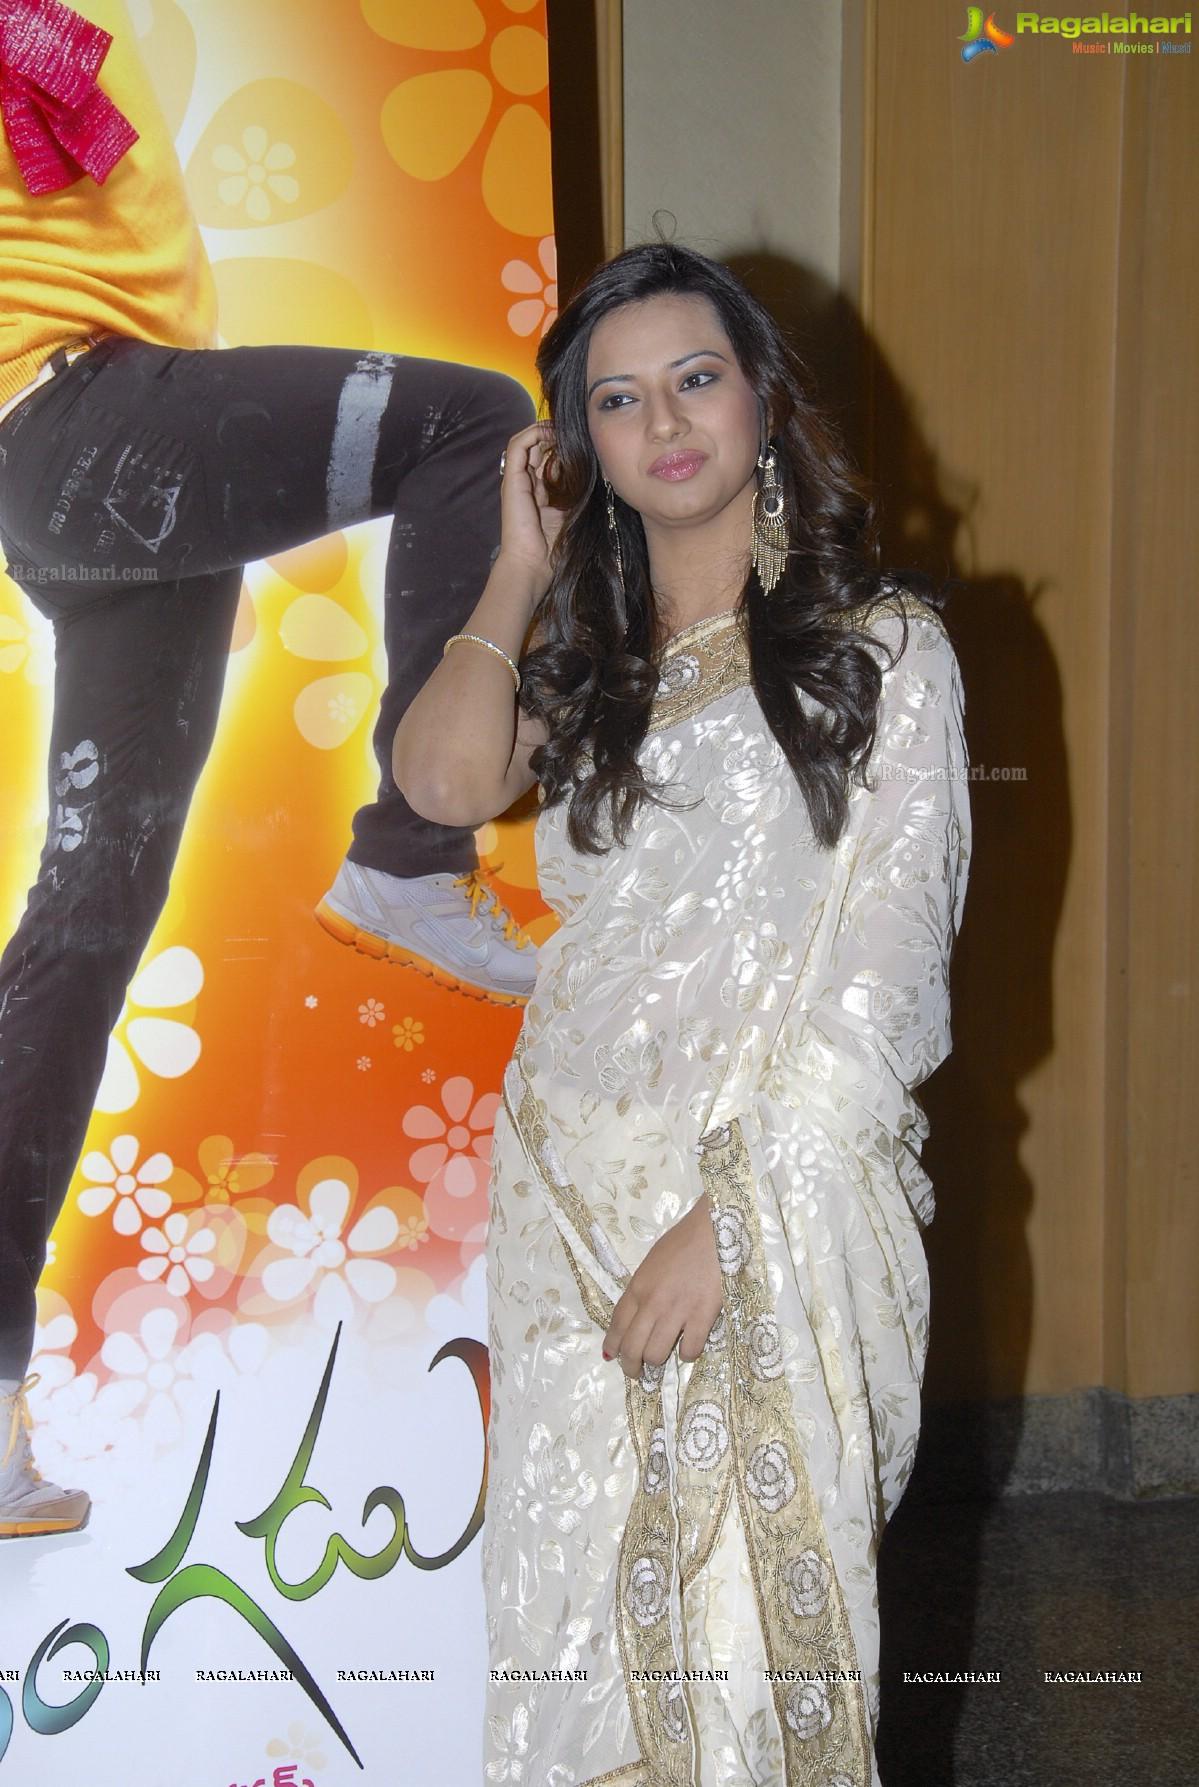 Eesha Chawla (Hi-Res)